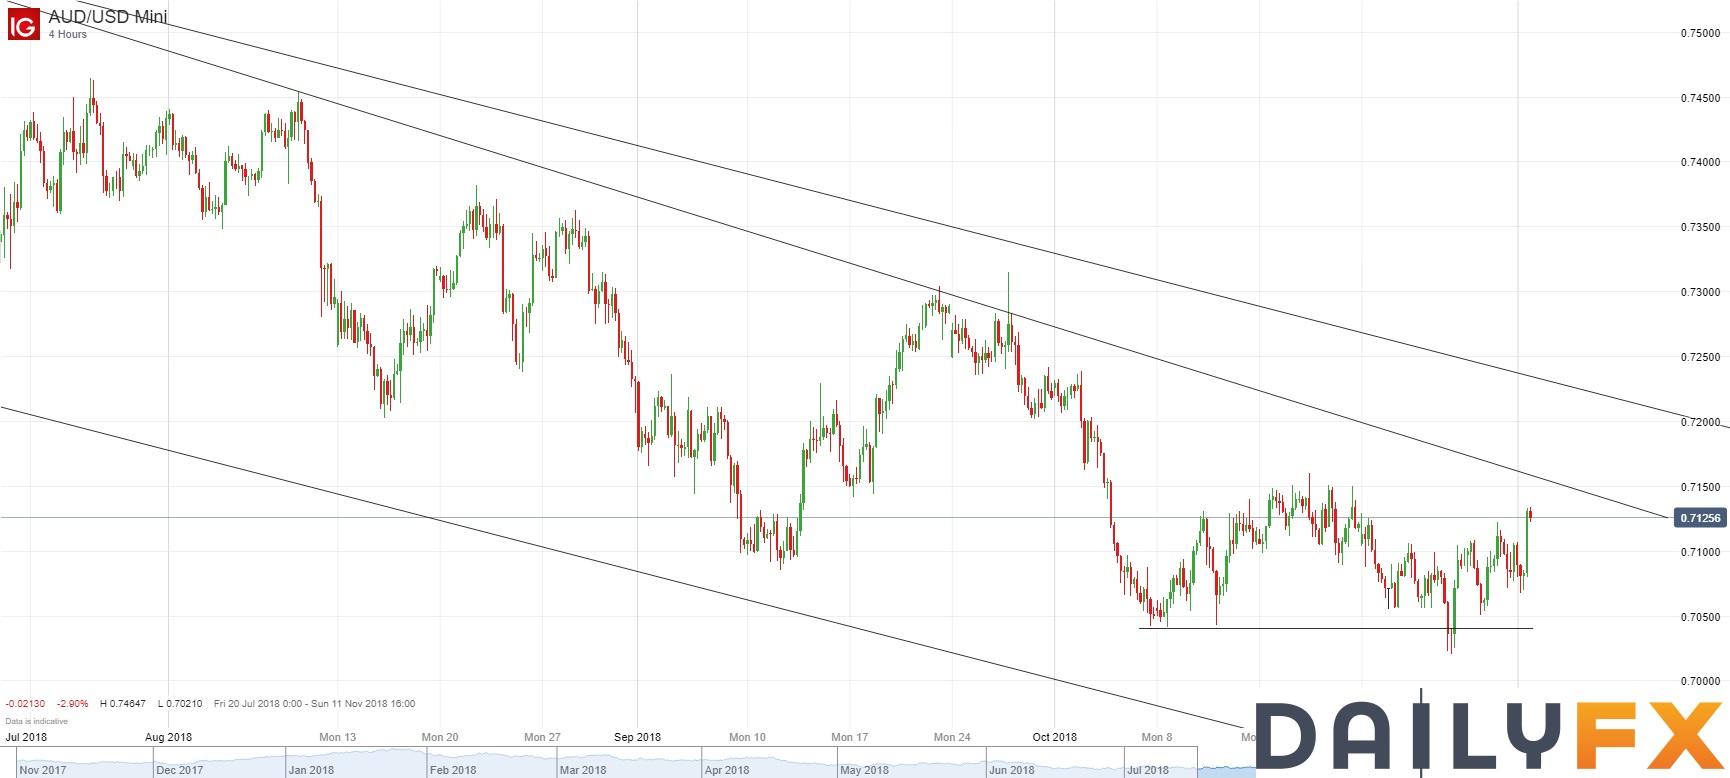 澳元/美元技術分析:關注在0.7150阻力附近的表現